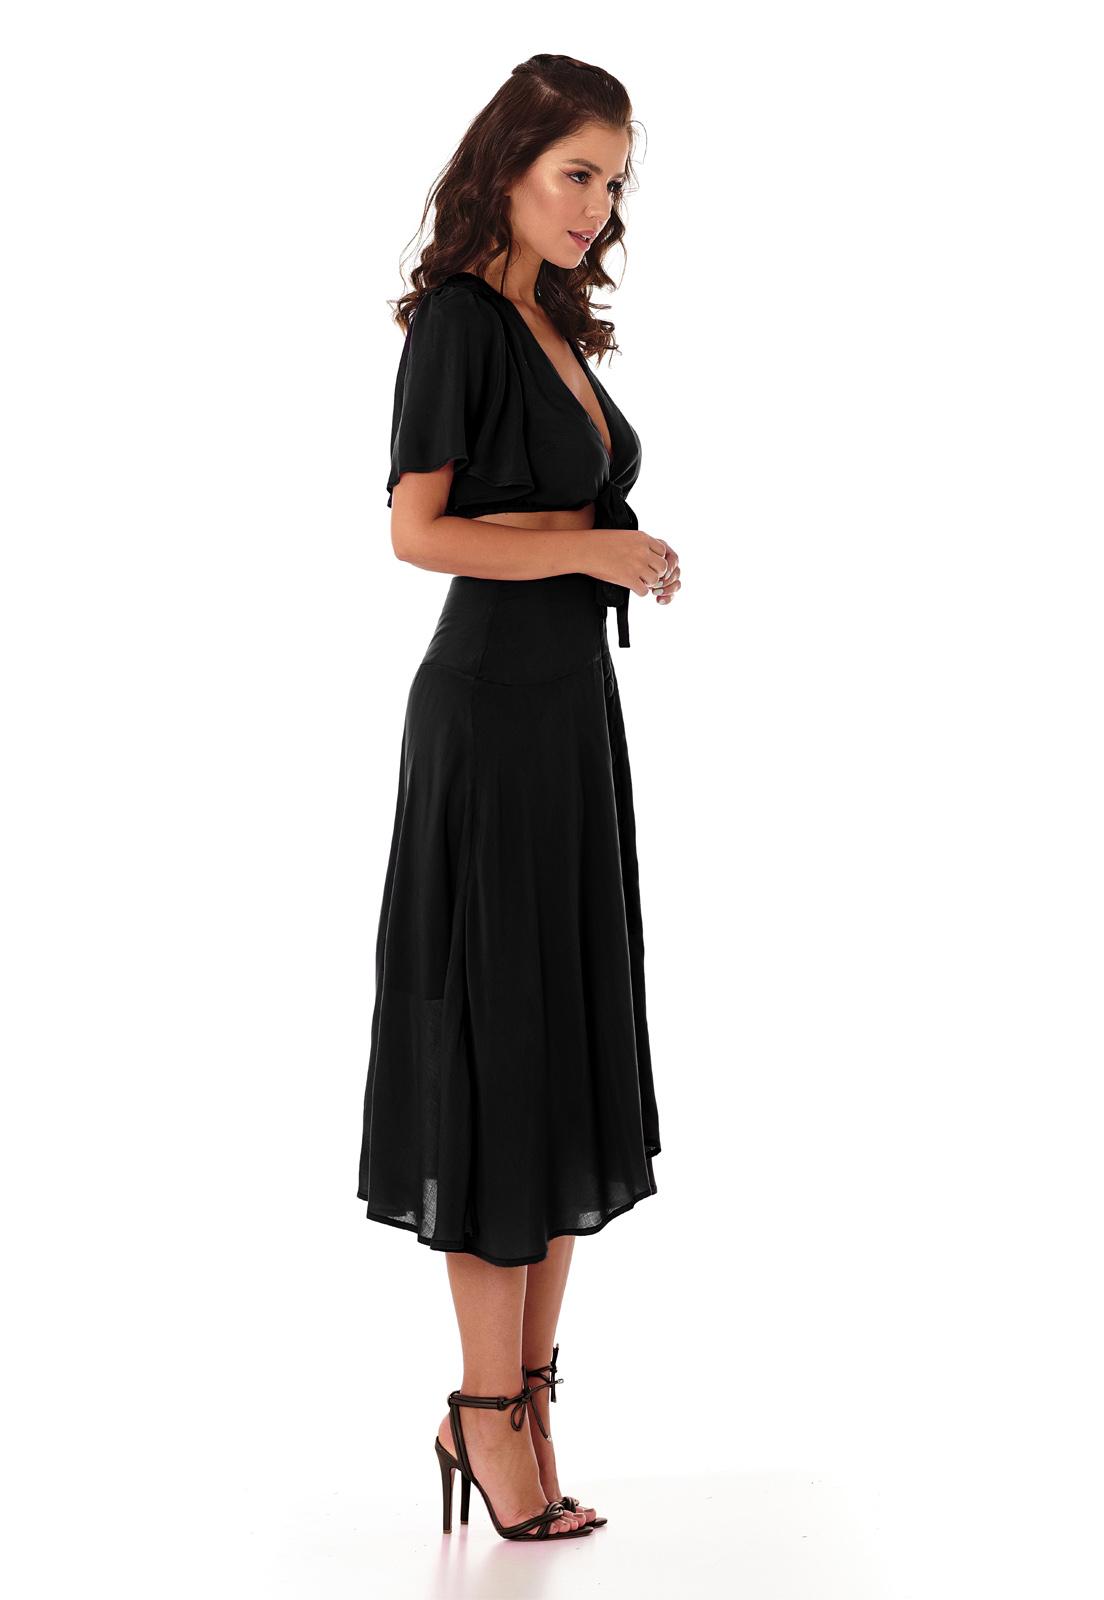 Vestido Midi de Botões Preto Lala Dubi